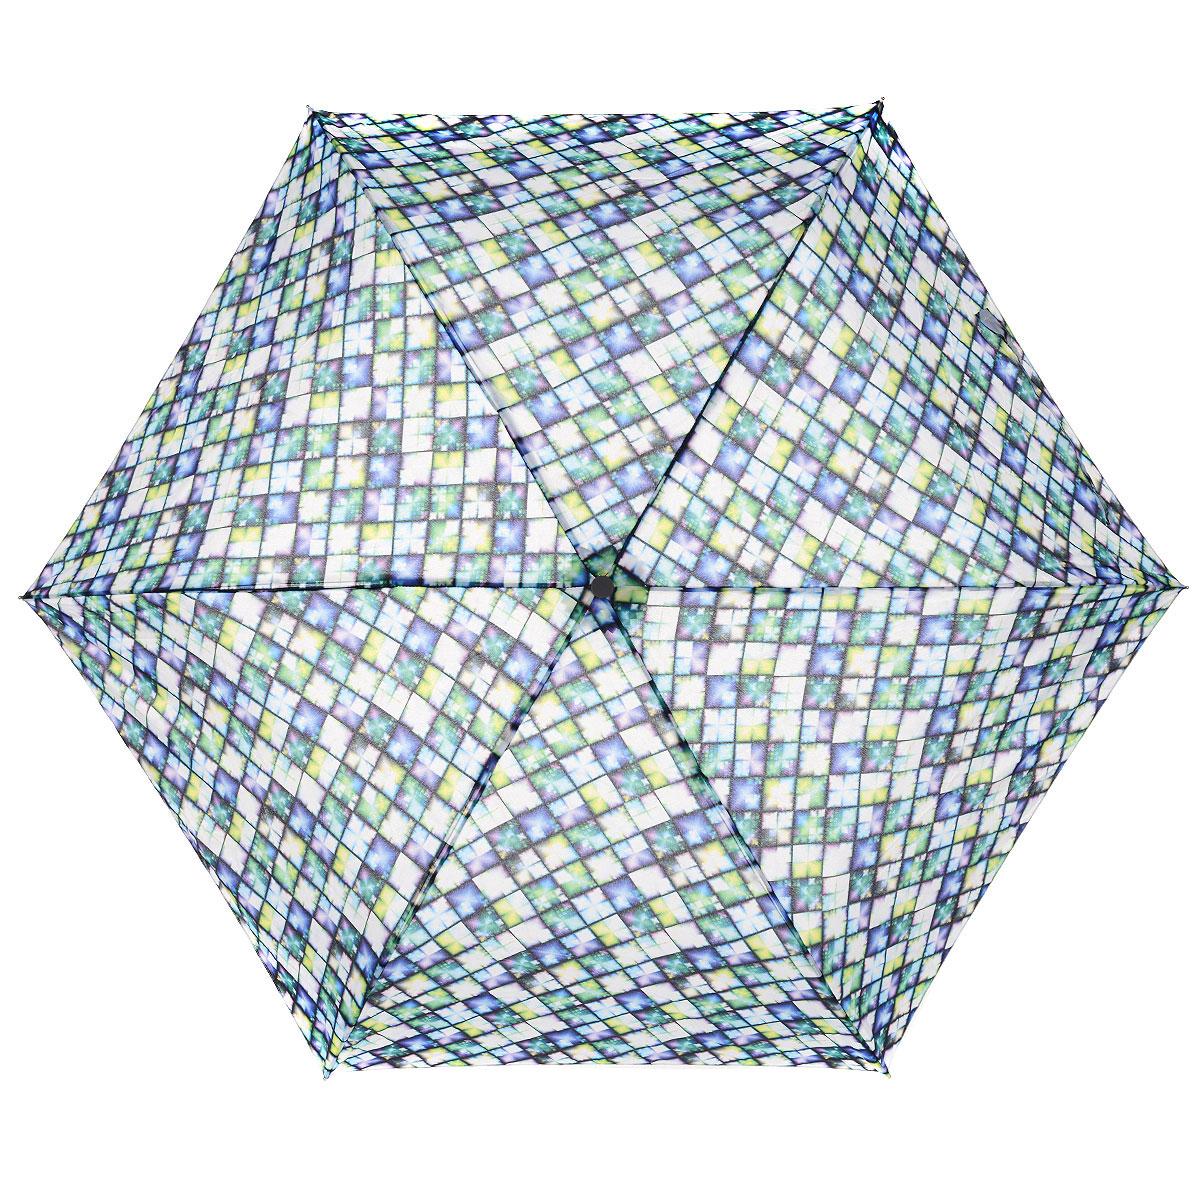 """Зонт женский Fulton Jewel, механический, 3 сложения, цвет: фиолетовый, зеленыйL553 3F2622Стильный компактный зонт Fulton """"Jewel"""" даже в ненастную погоду позволит вам оставаться женственной и элегантной. """"Ветростойкий"""" алюминиевый каркас в 3 сложения состоит из шести спиц с элементами из фибергласса, зонт оснащен удобной рукояткой из прорезиненного пластика. Купол зонта выполнен из прочного полиэстера и оформлен принтом в виде разноцветной мозаики. На рукоятке для удобства есть небольшой шнурок-резинка, позволяющий надеть зонт на руку тогда, когда это будет необходимо. К зонту прилагается чехол на липучке. Зонт механического сложения: купол открывается и закрывается вручную, стержень также складывается вручную до характерного щелчка. Характеристики: Материал: алюминий, фибергласc, пластик, полиэстер. Цвет: фиолетовый, зеленый. Диаметр купола: 86 см. Длина зонта в сложенном виде: 22 см. Длина ручки (стержня) в раскрытом виде: 51 см. Вес: 138 г. Диаметр зонта (в сложенном виде): 3 см. ..."""